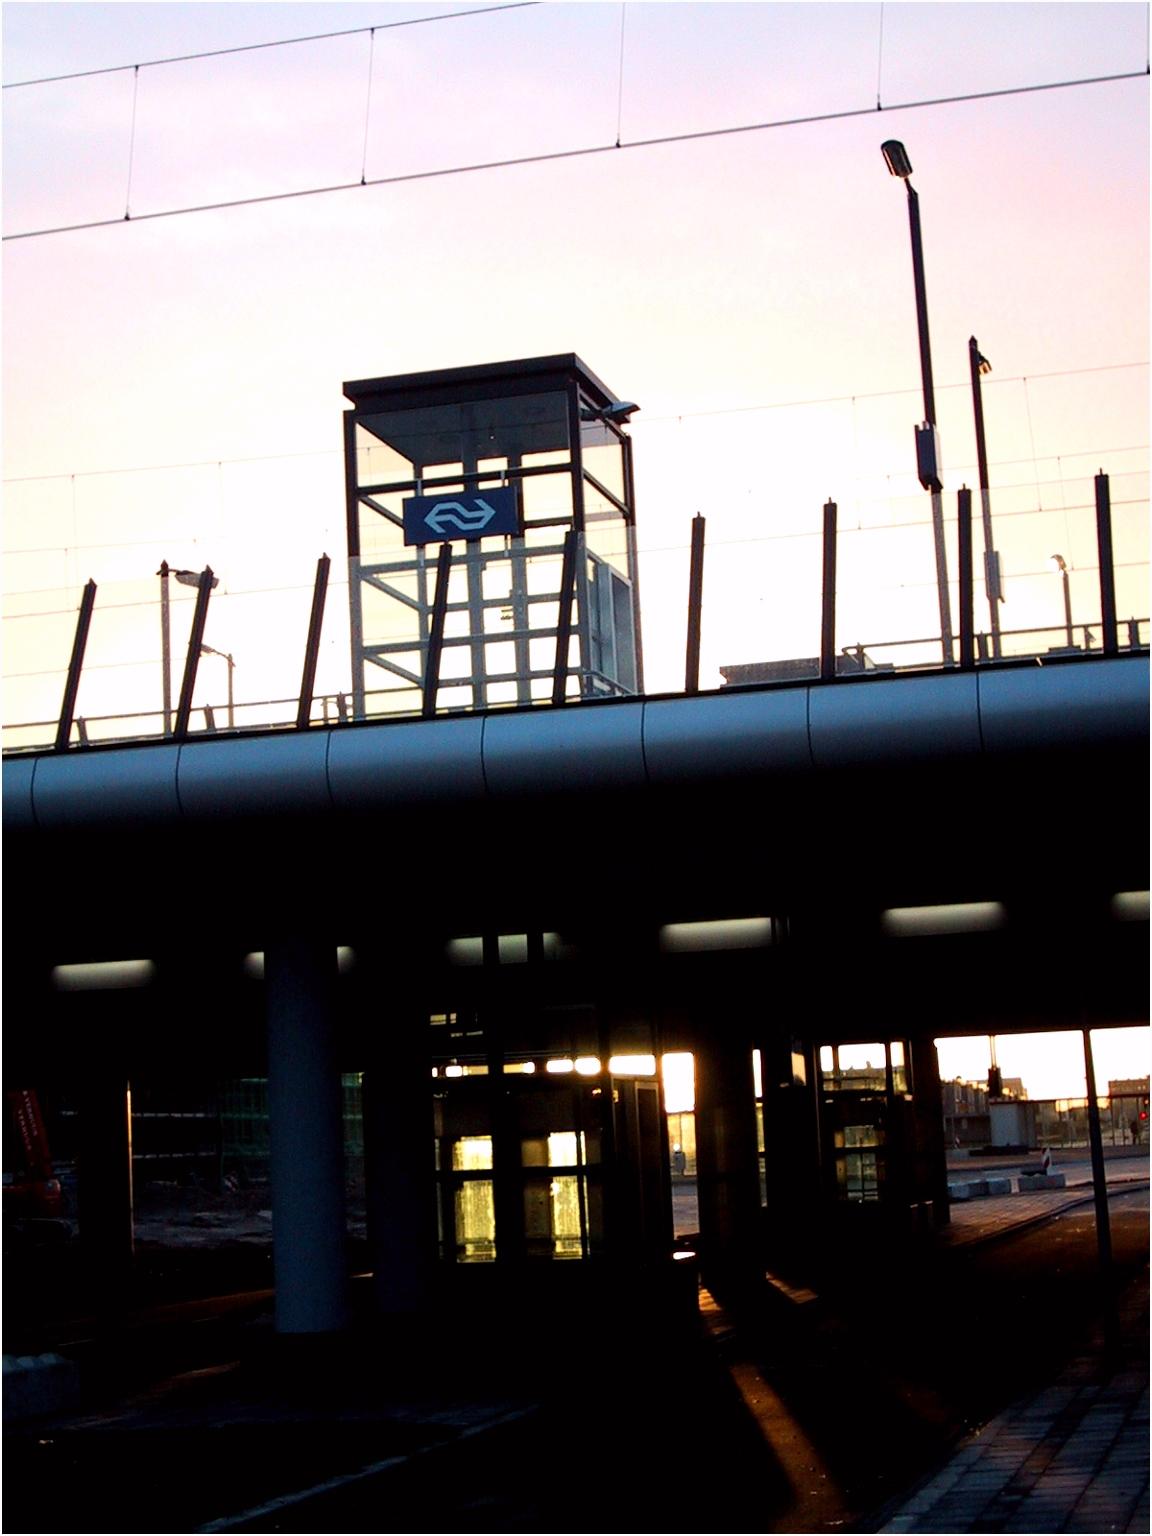 Almere Oostvaarders railway station